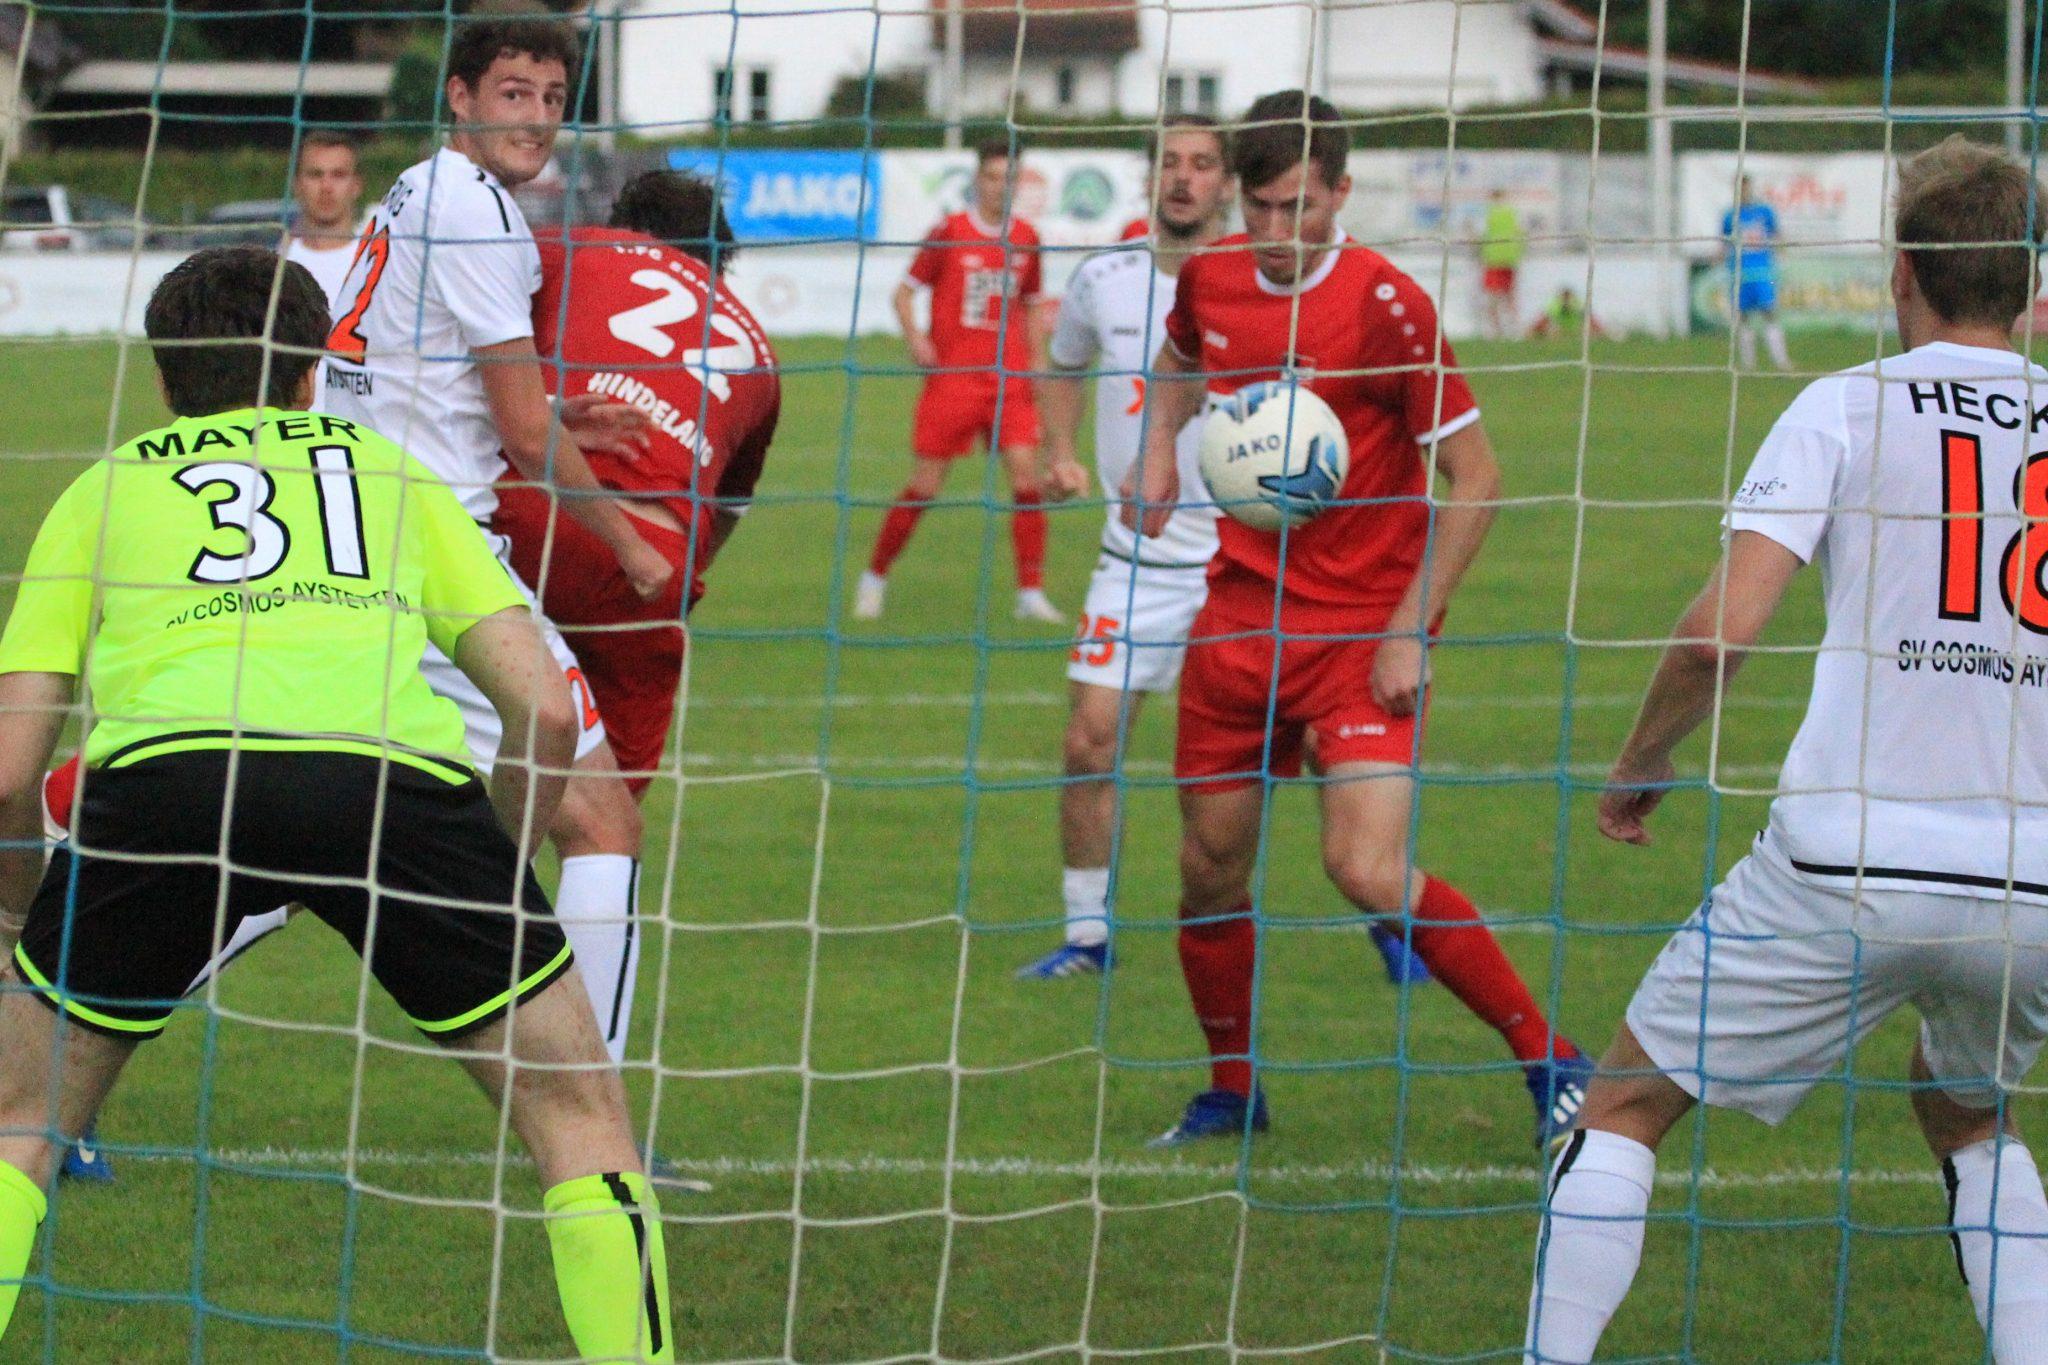 SV Cosmos Aystetten – 1.FC Sonthofen 0:1 (0:1)